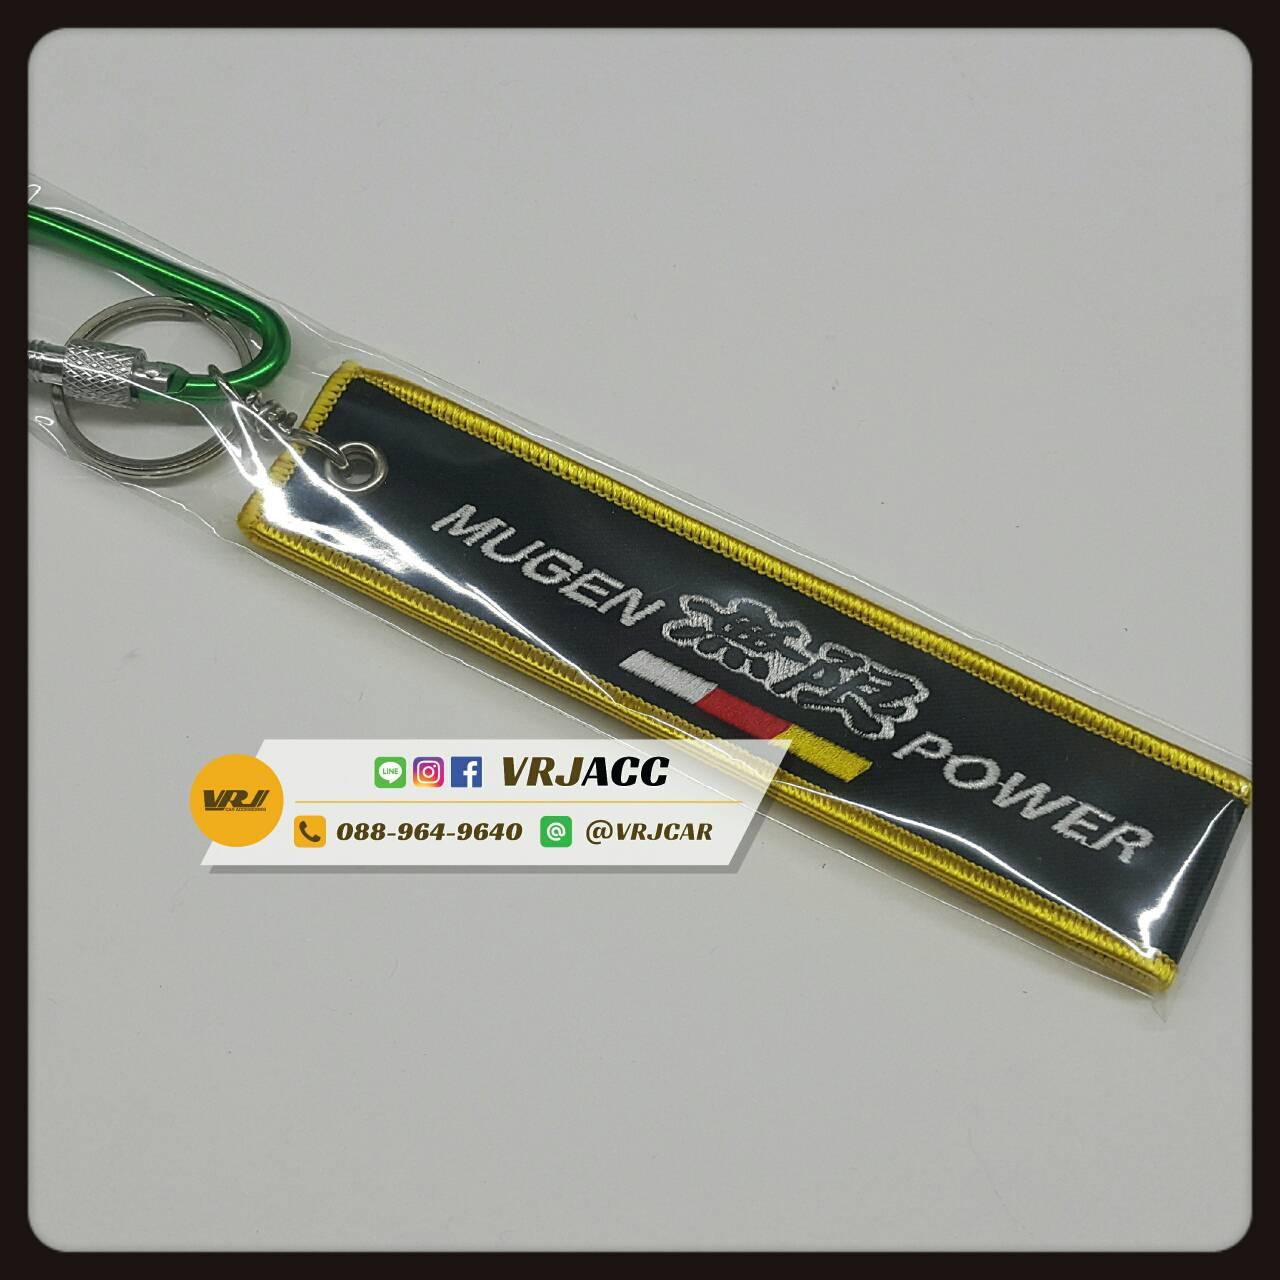 พวงกุญแจผ้า พร้อมตะขอเกี่ยว mugen : Keychain